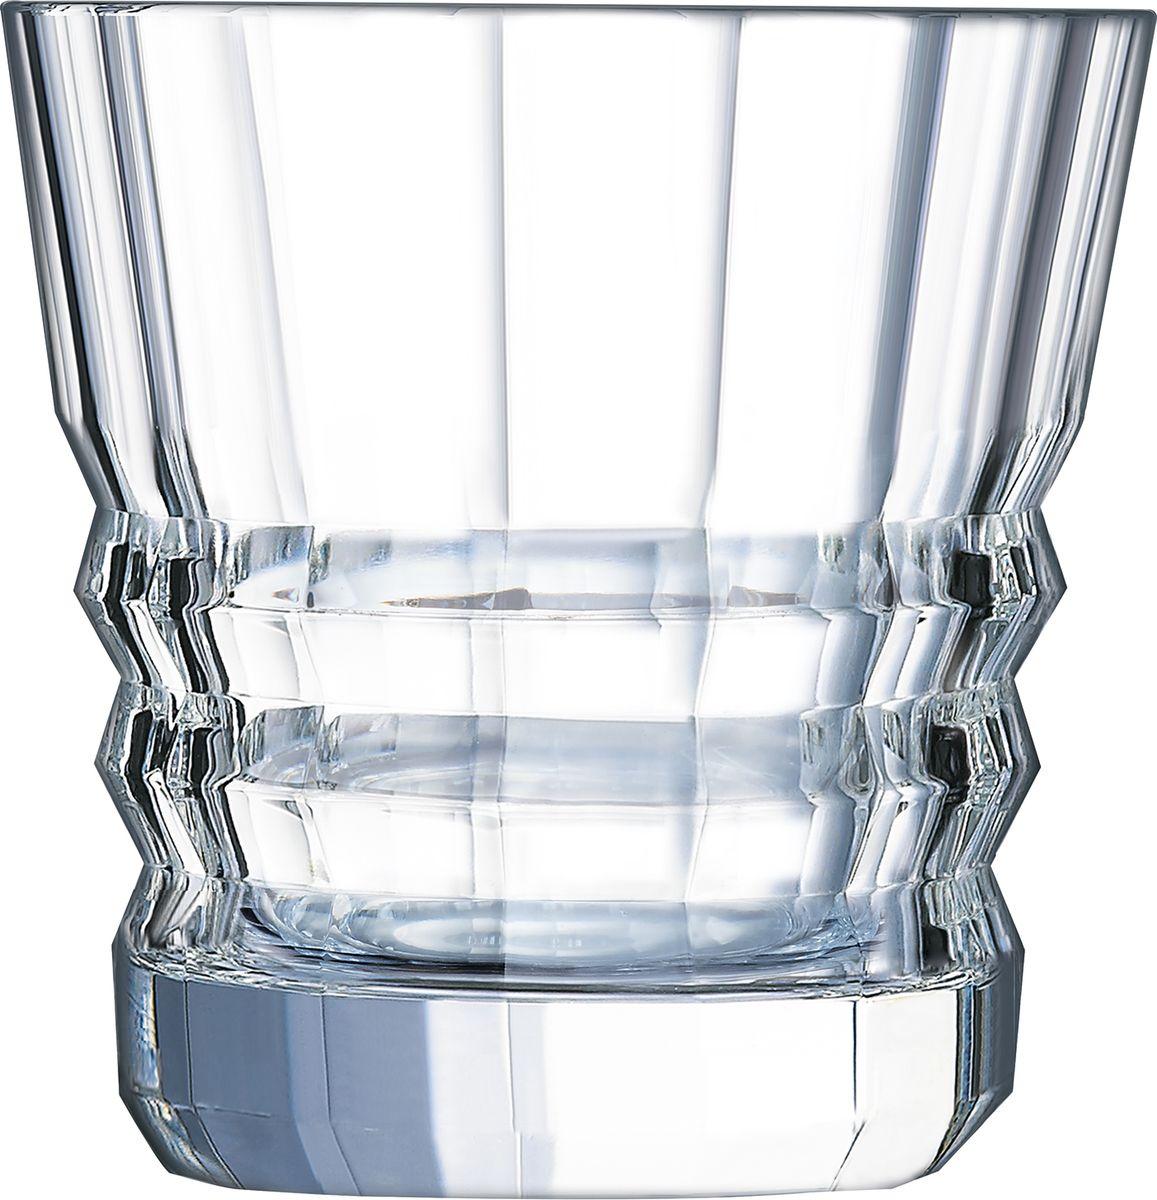 Набор стаканов Cristal dArques Architecte, 380 мл, 6 шт. L8148L8148Коллекция вдохновлена безумными двадцатыми и несет отпечаток эпохи, гениально соединившей круглые формы и прямые линии. Разбиение на грани. В ритме закруглений и выступов микрограней, прямые стаканы с тяжелым дном из коллекции Architecte словно вышли из бара, насыщенного мужественной атмосферой Парижа Хемингуэя эпохи между двумя мировыми войнами. Одновременно творчески эксцентричные и геометрически строгие, они обязаны своим современным видом… традициям и современной технической смелости. В них парадоксально соединяются по определению угловатые, но округлые грани, возвышаемые несравненным блеском хрусталя. Коллекция вдохновлена безумными двадцатыми и несет отпечаток эпохи, гениально соединившей круглые формы и прямые линии.